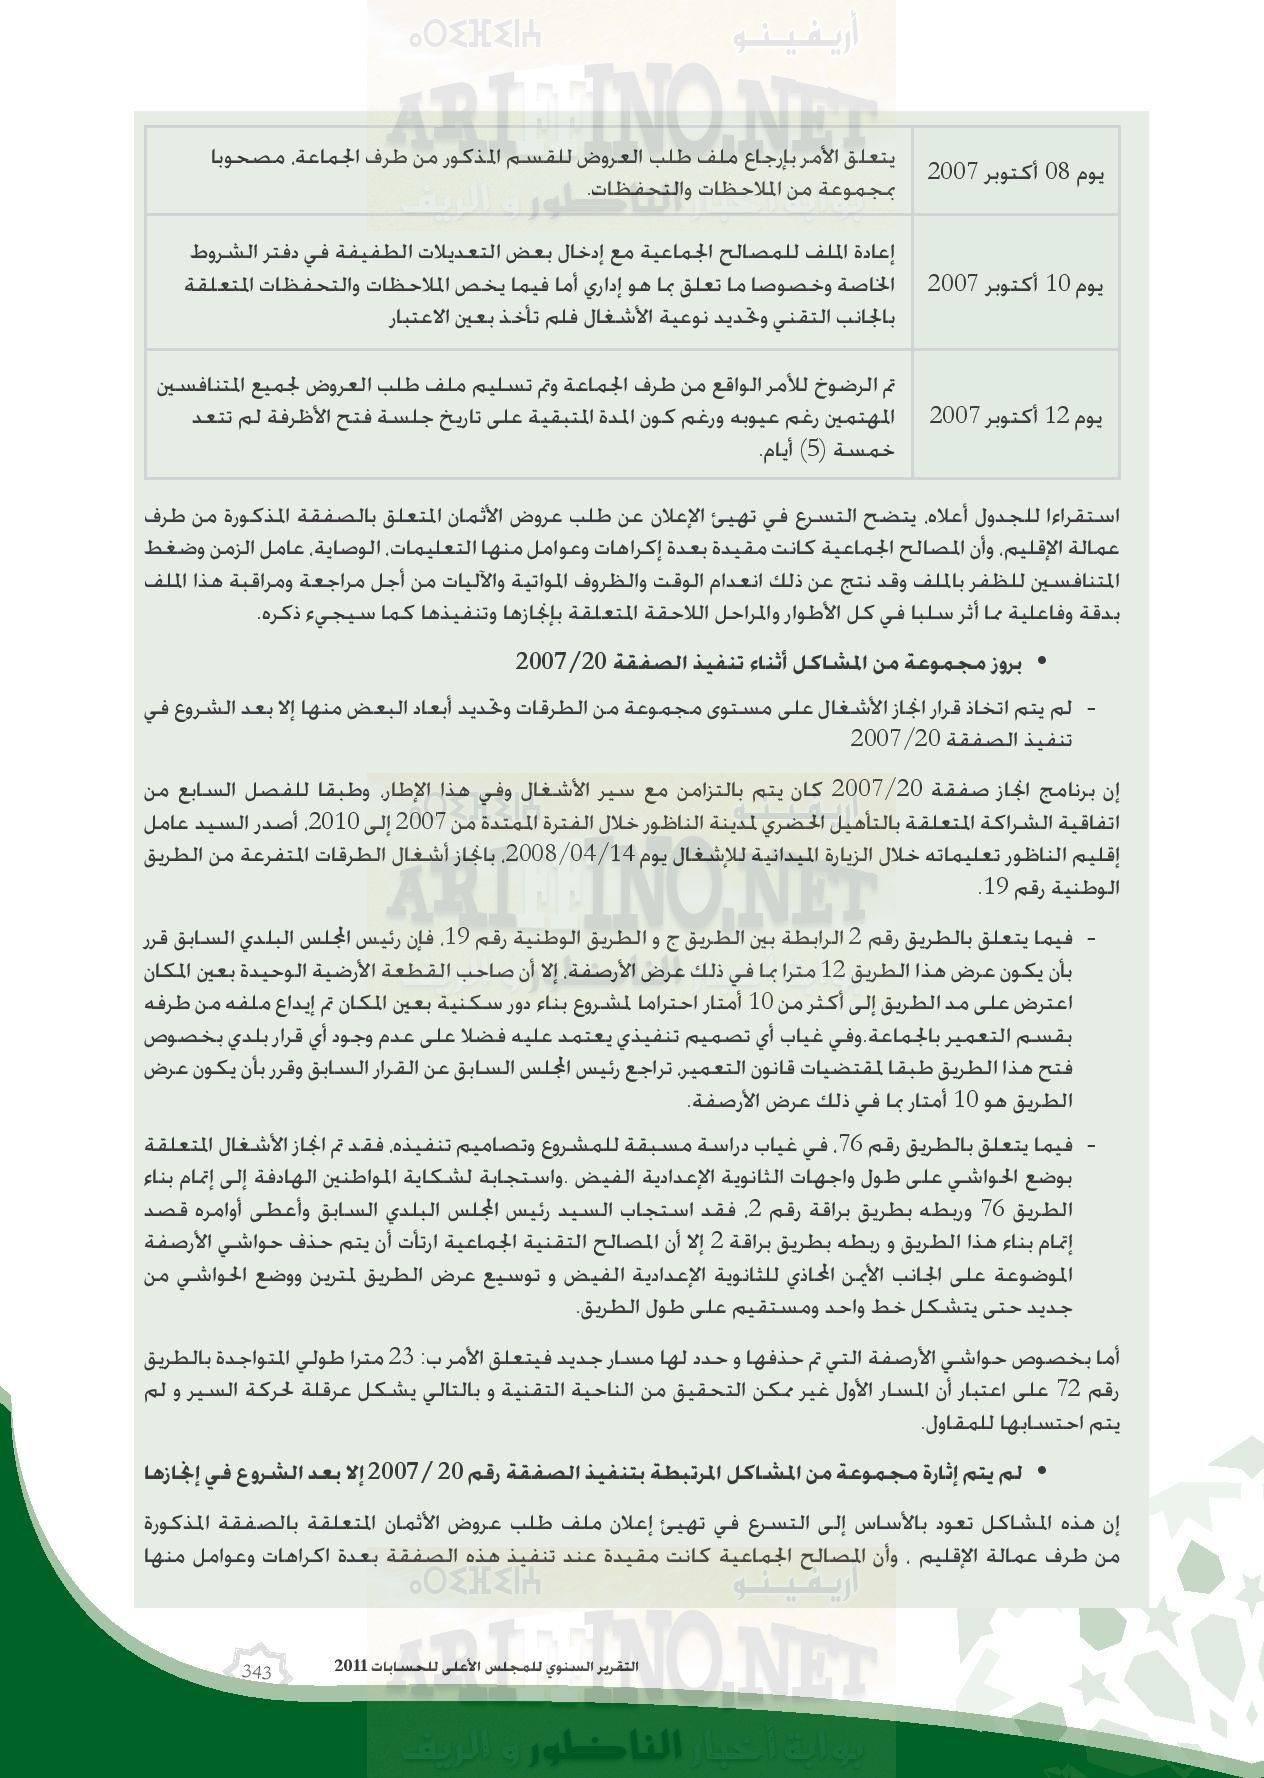 nador_0069 تقرير المجلس الاعلى للحسابات: بلدية الناظور تعيش إختلالات و عشوائية و عاجزة عن القيام بمهامها